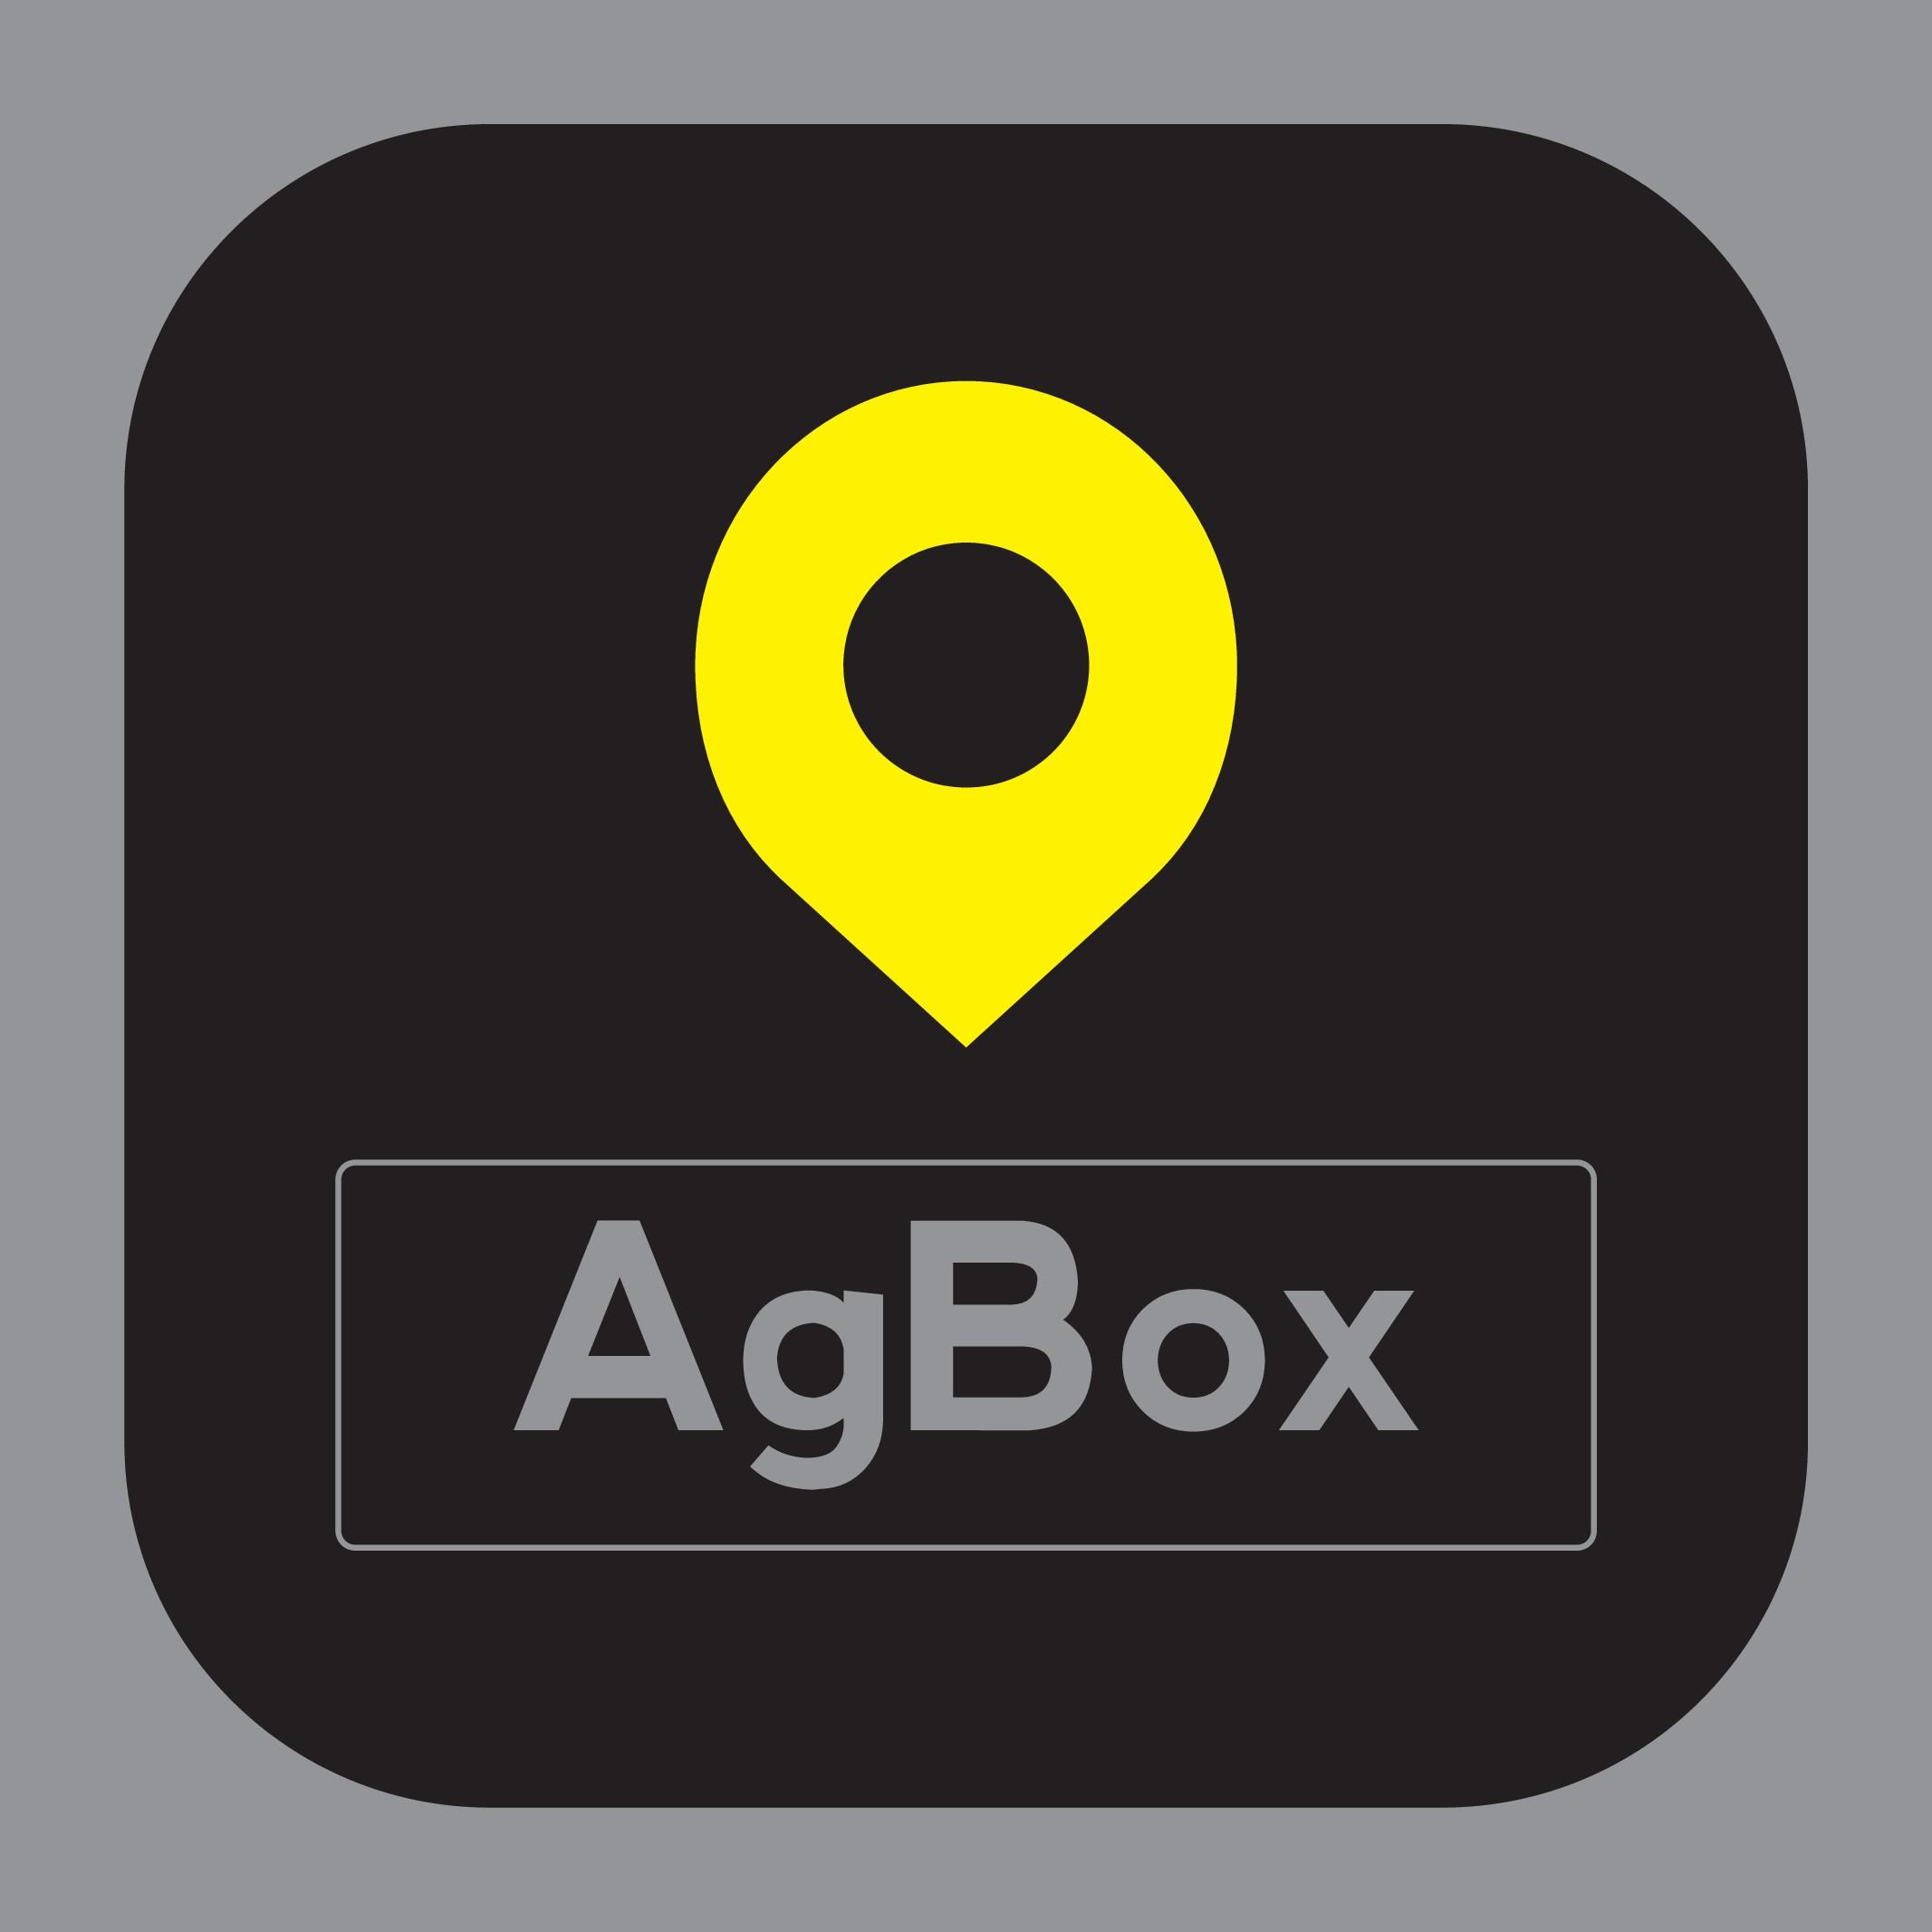 AgBox